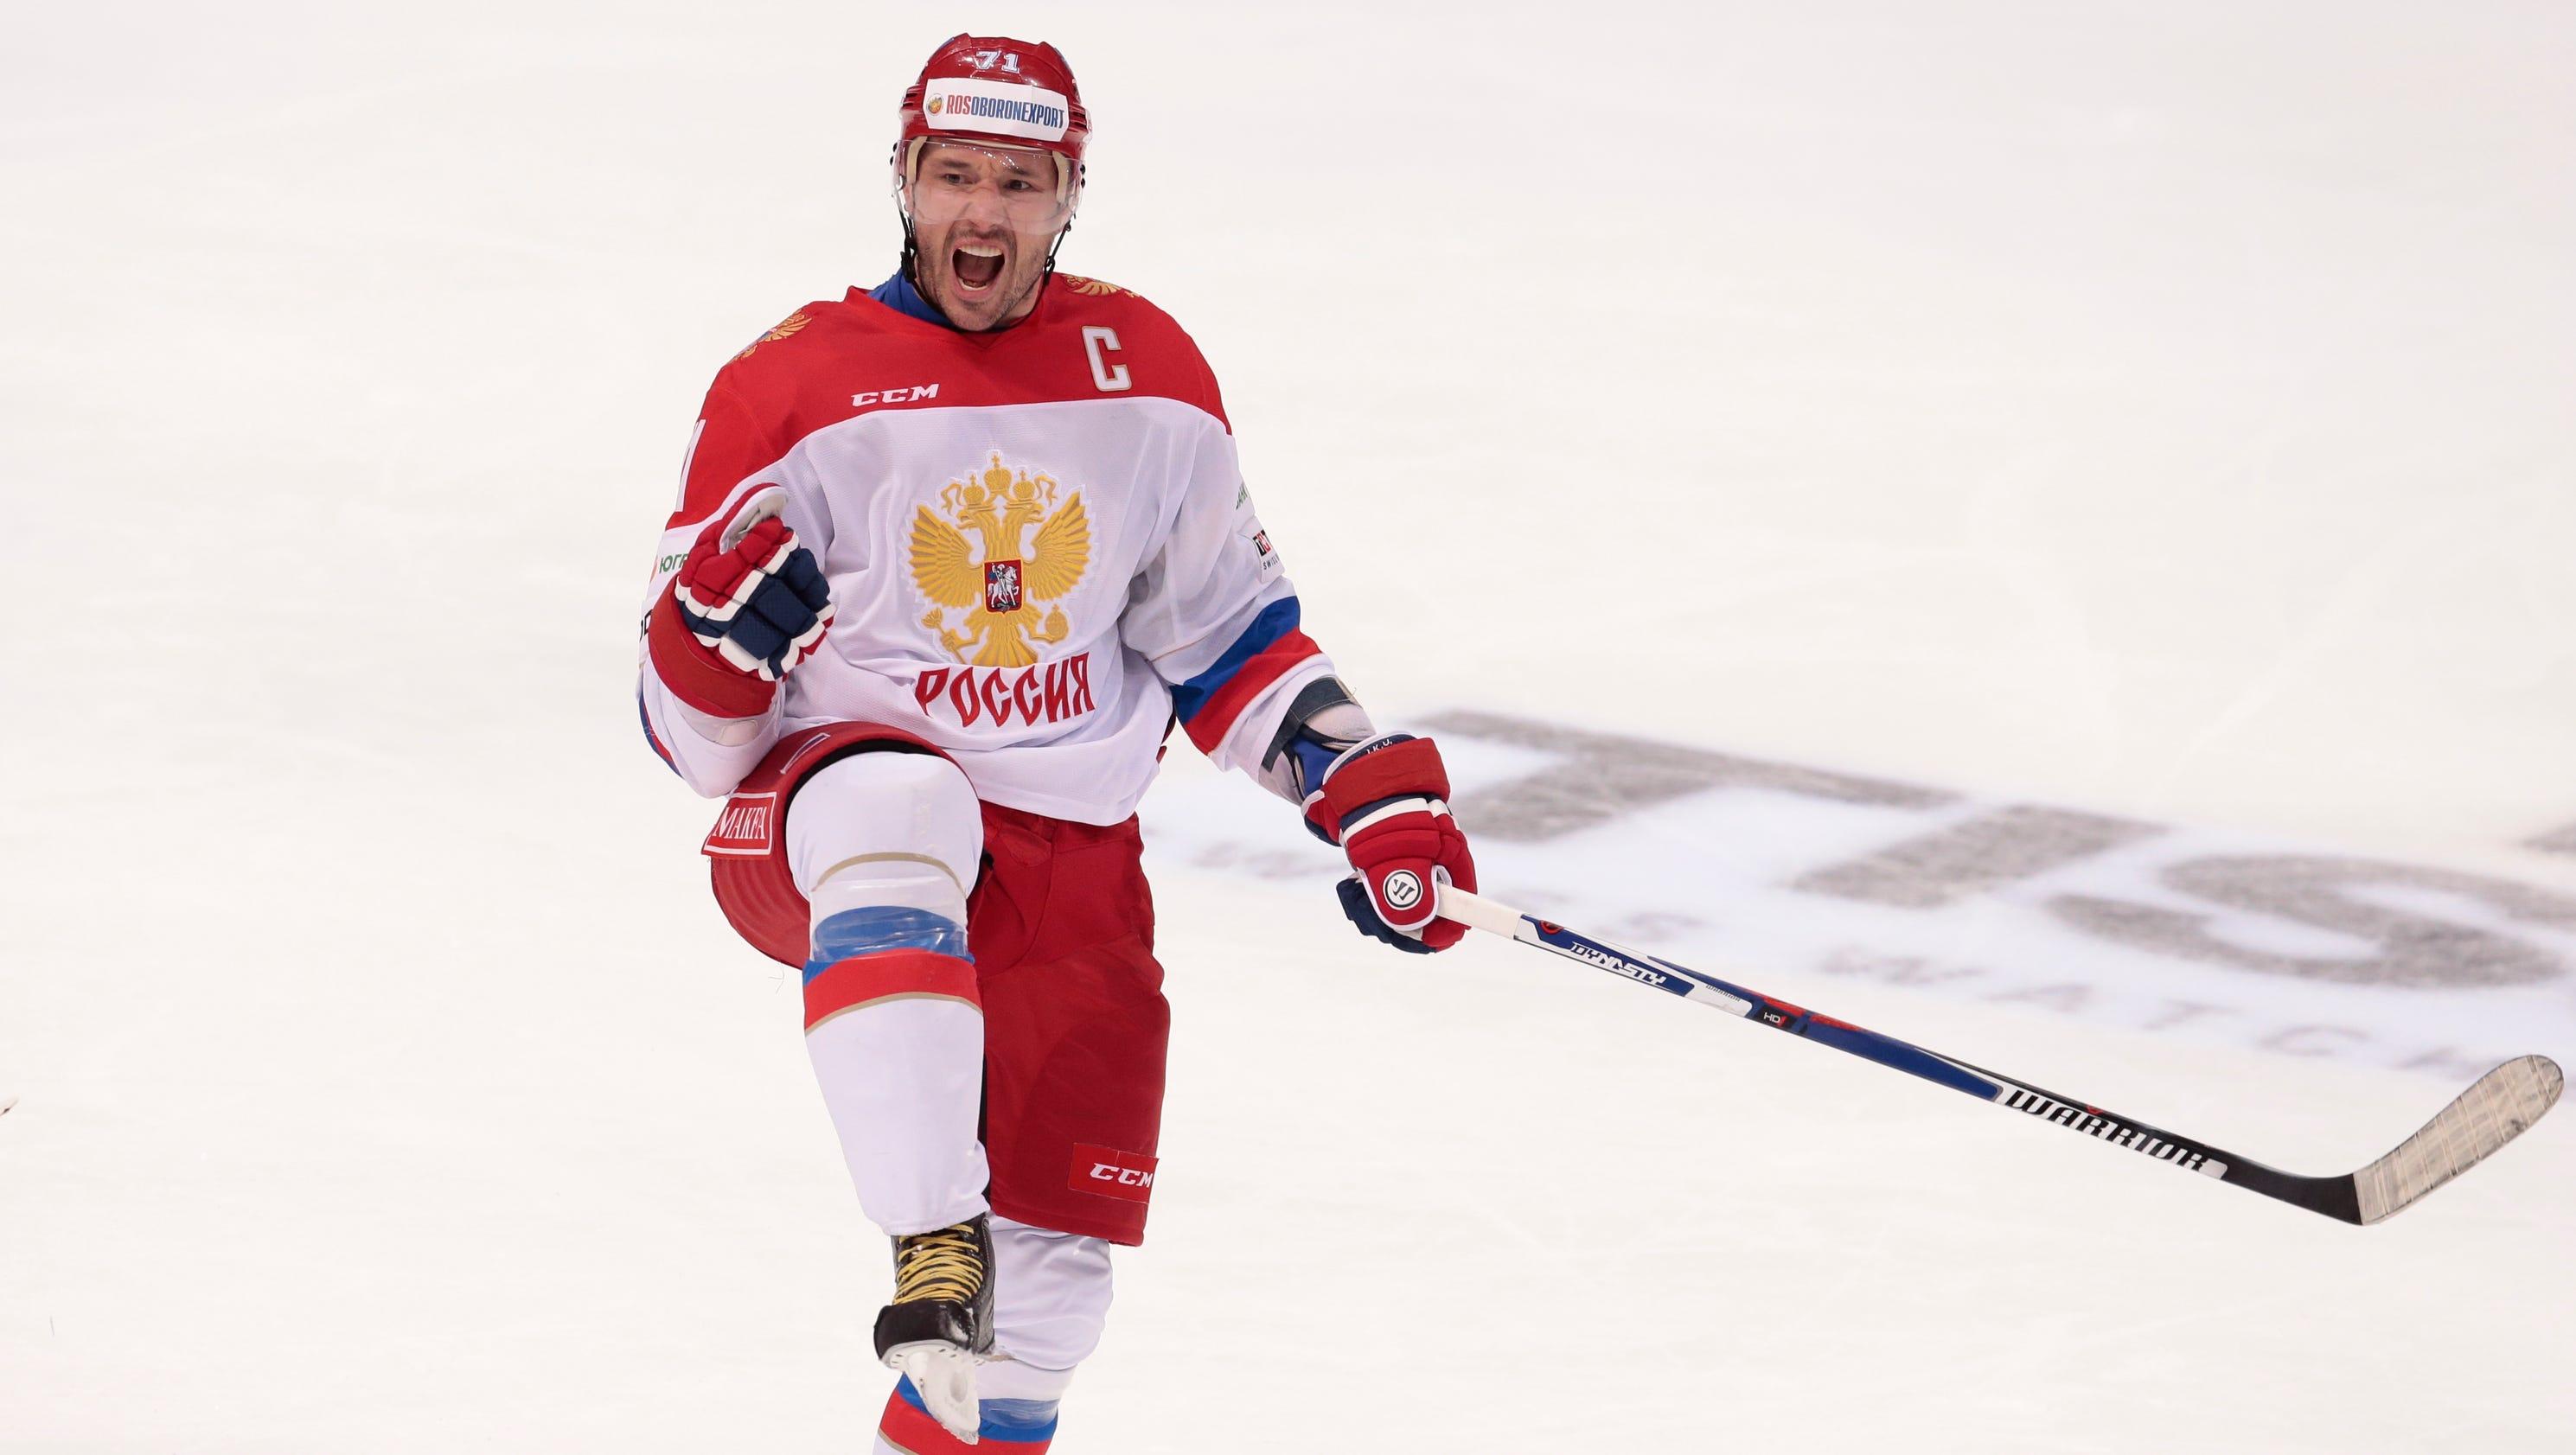 636313415022463420-devils-kovalchuk-hockey-15802675